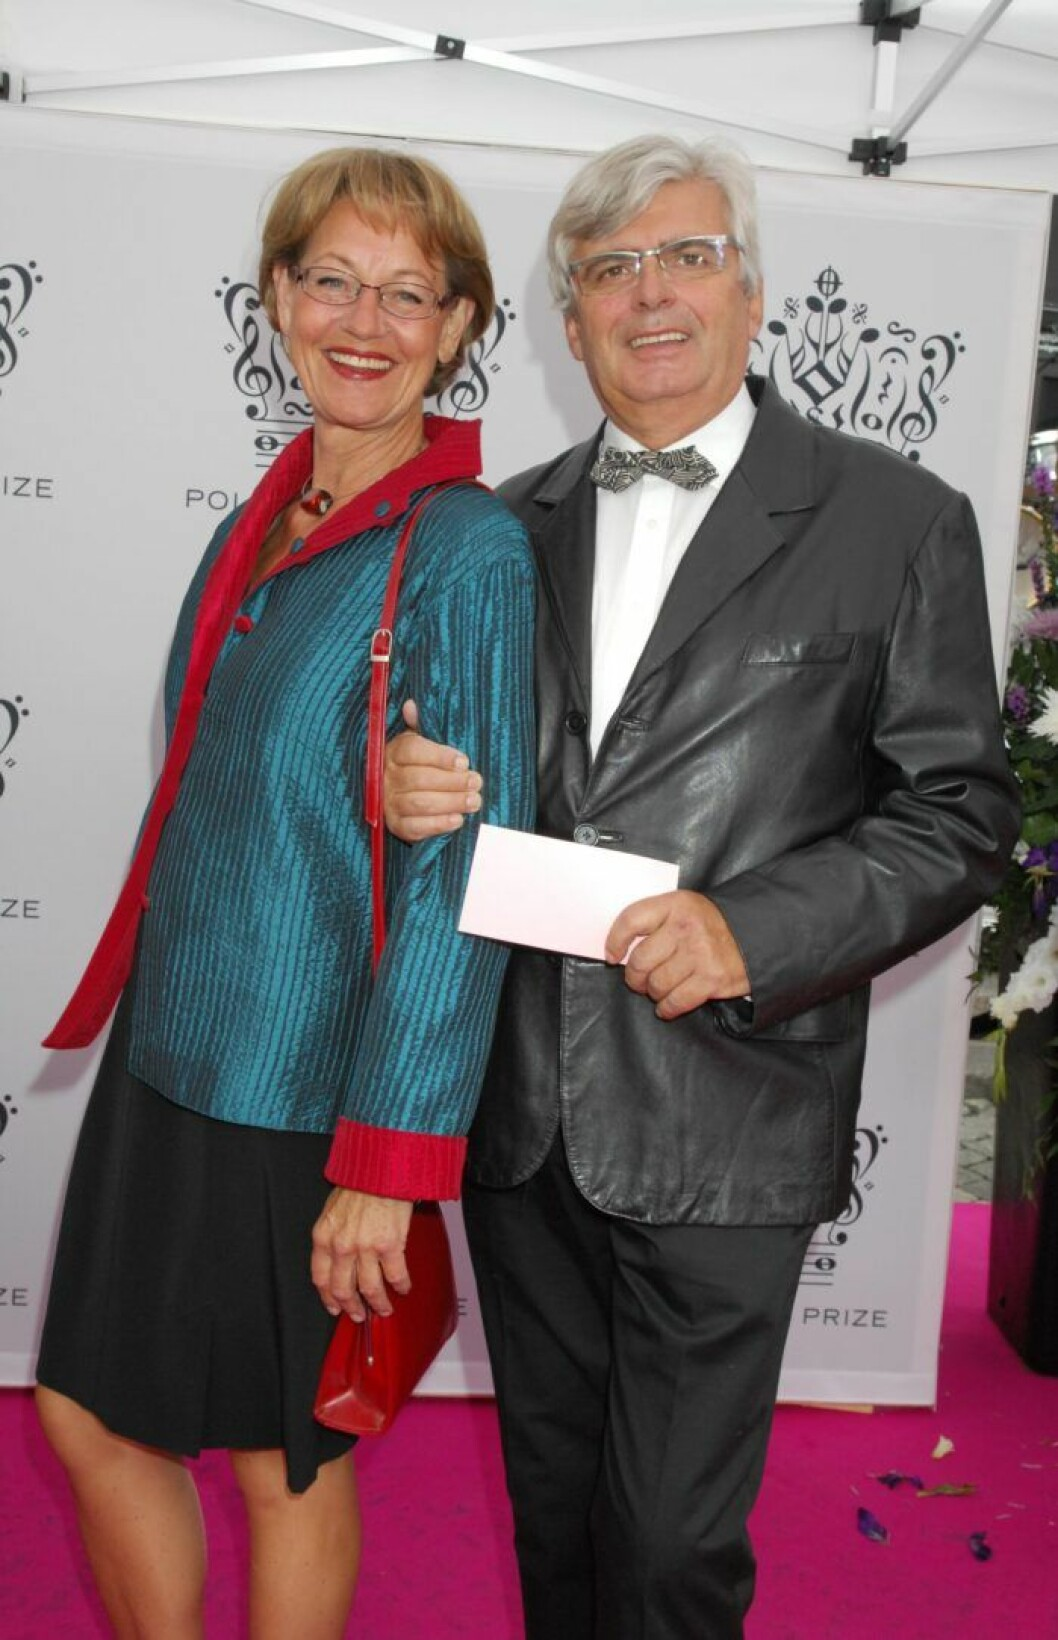 Politikern Gudrun Schyman och hennes sambo Jaques Öhlund på Polar Music Prize 2010.